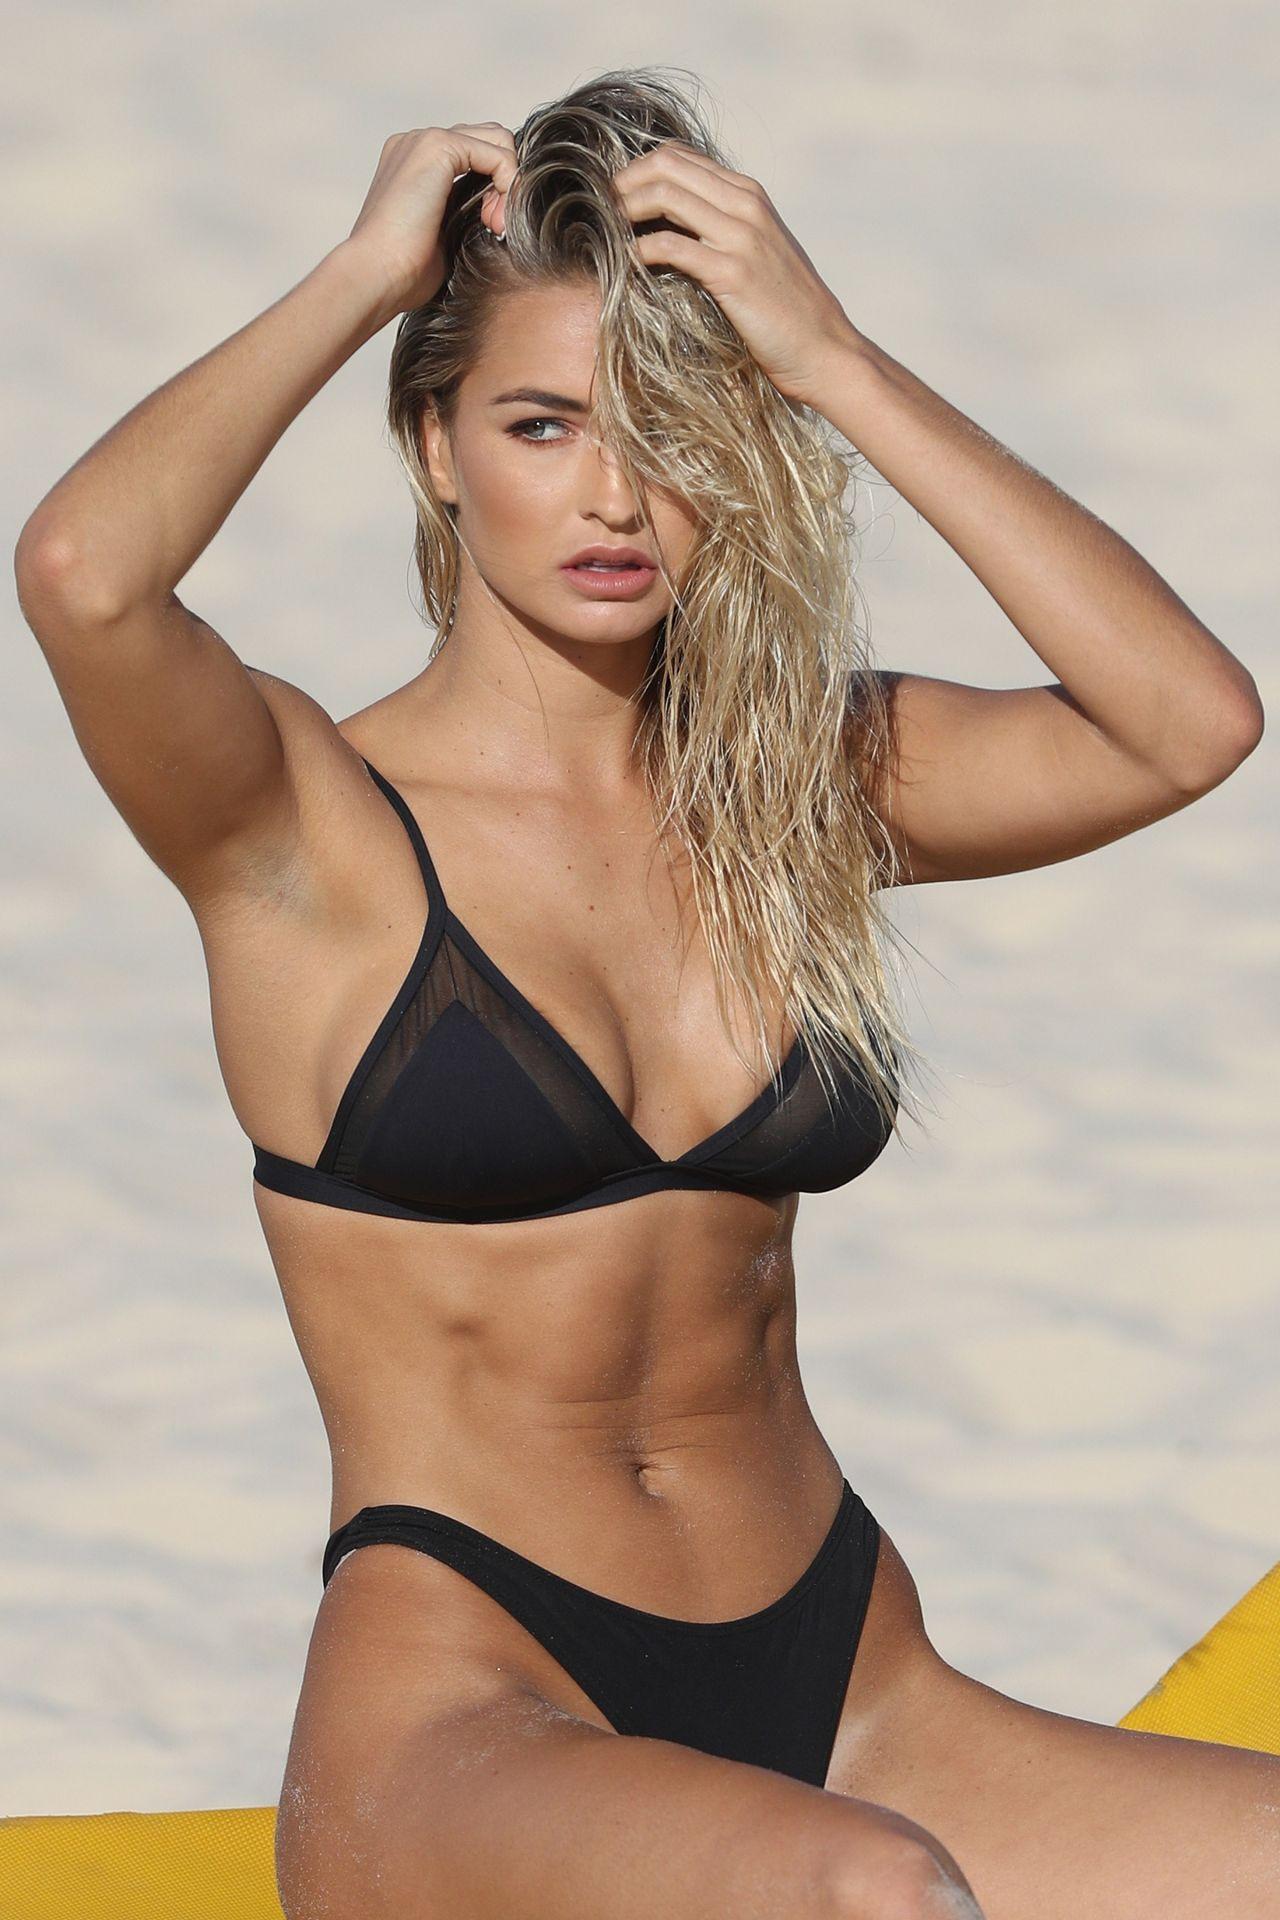 Madison Edwards Nude Photos 4